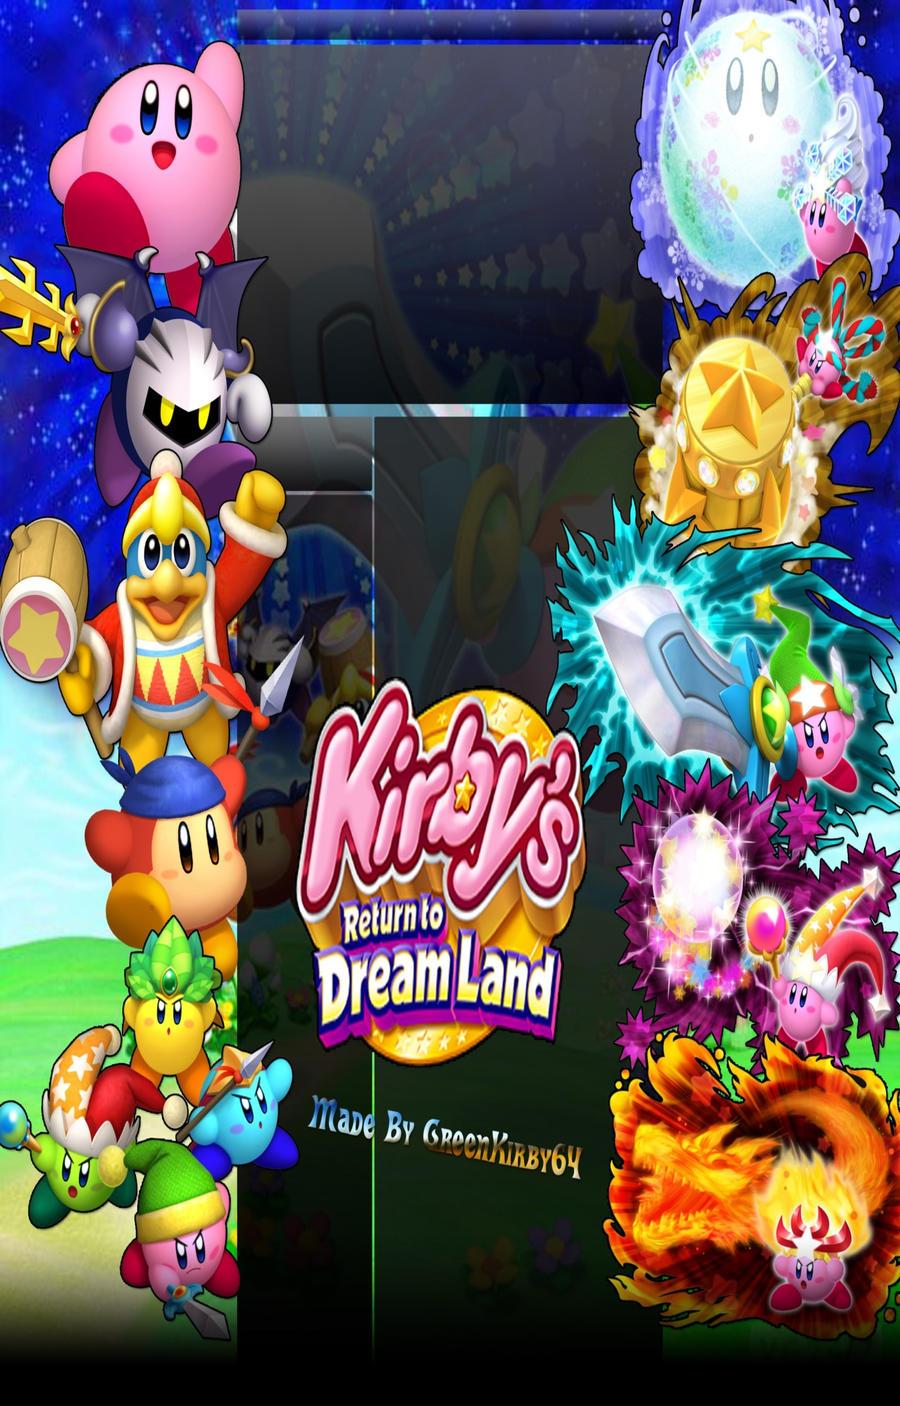 Kirby's Return To Dreamland BG by GreenHavocKirby on ...